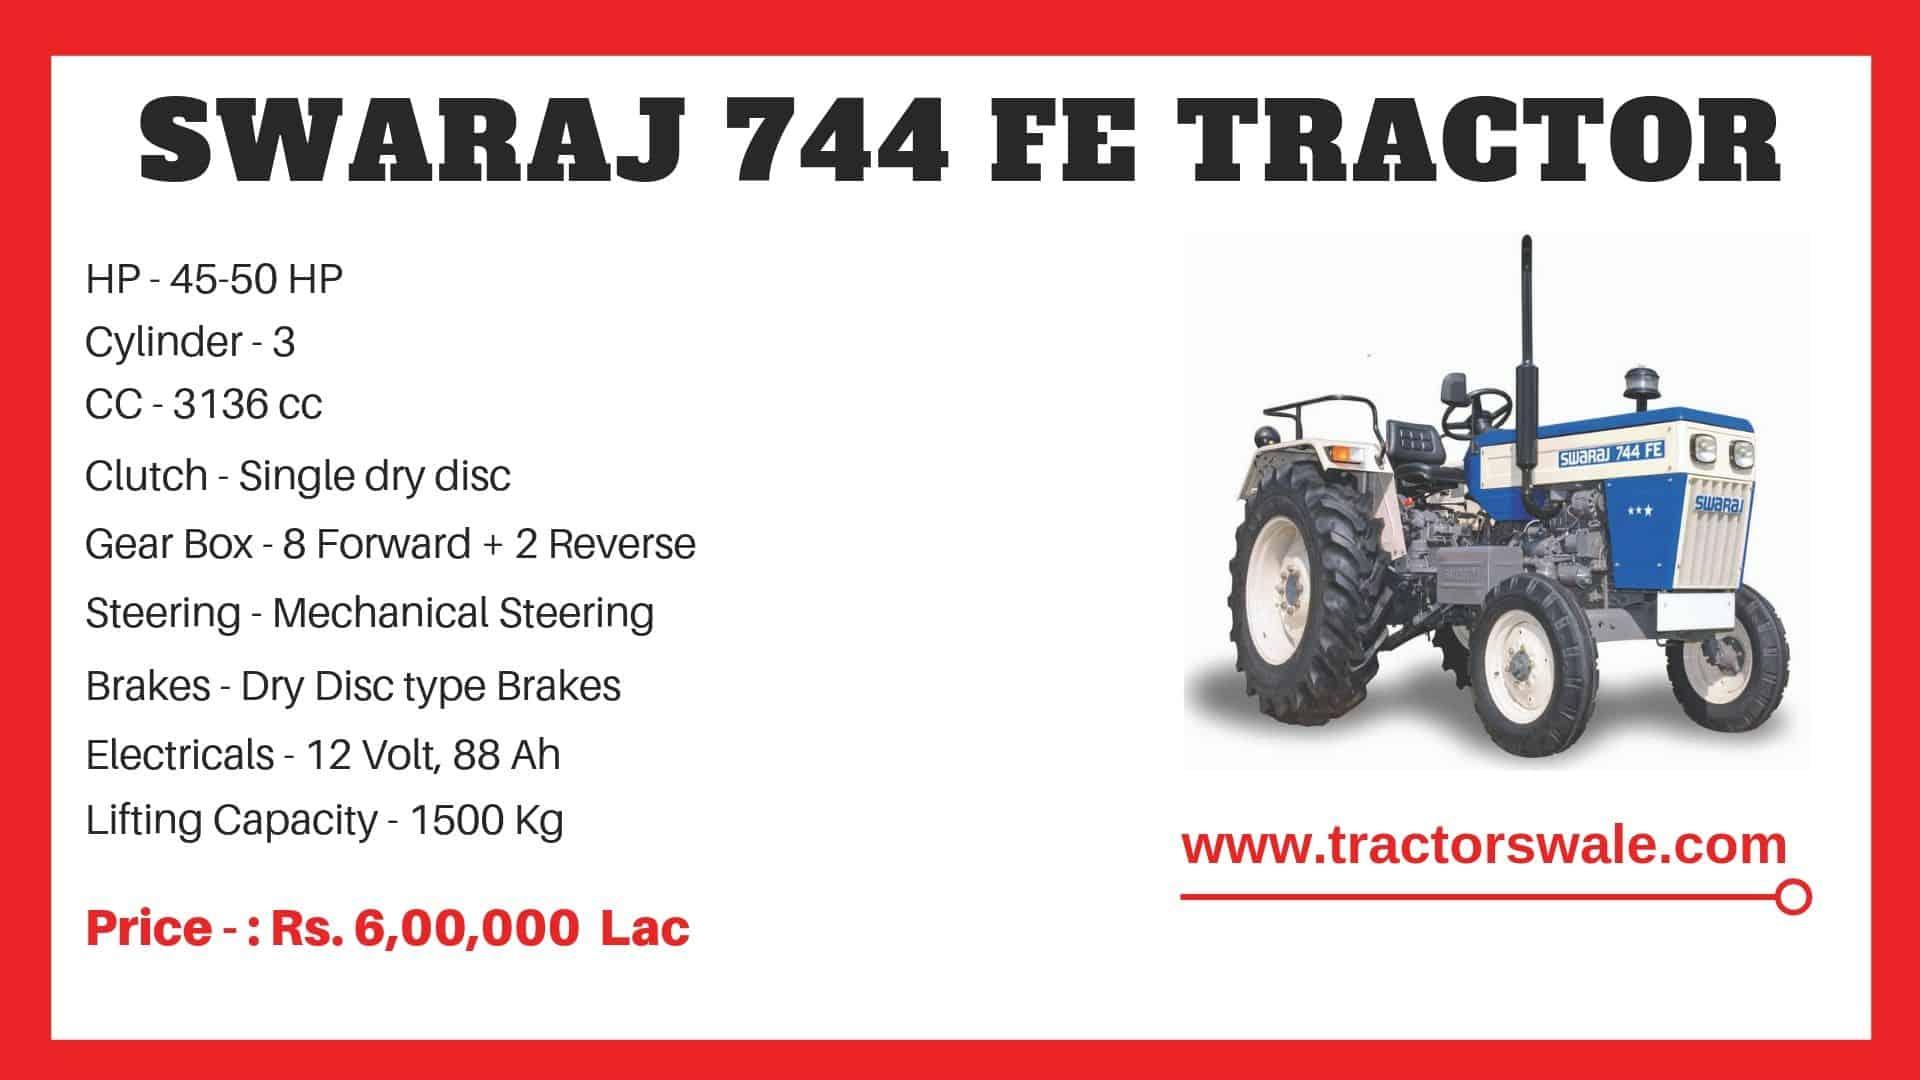 Specification of Swaraj 744 FE Tractor